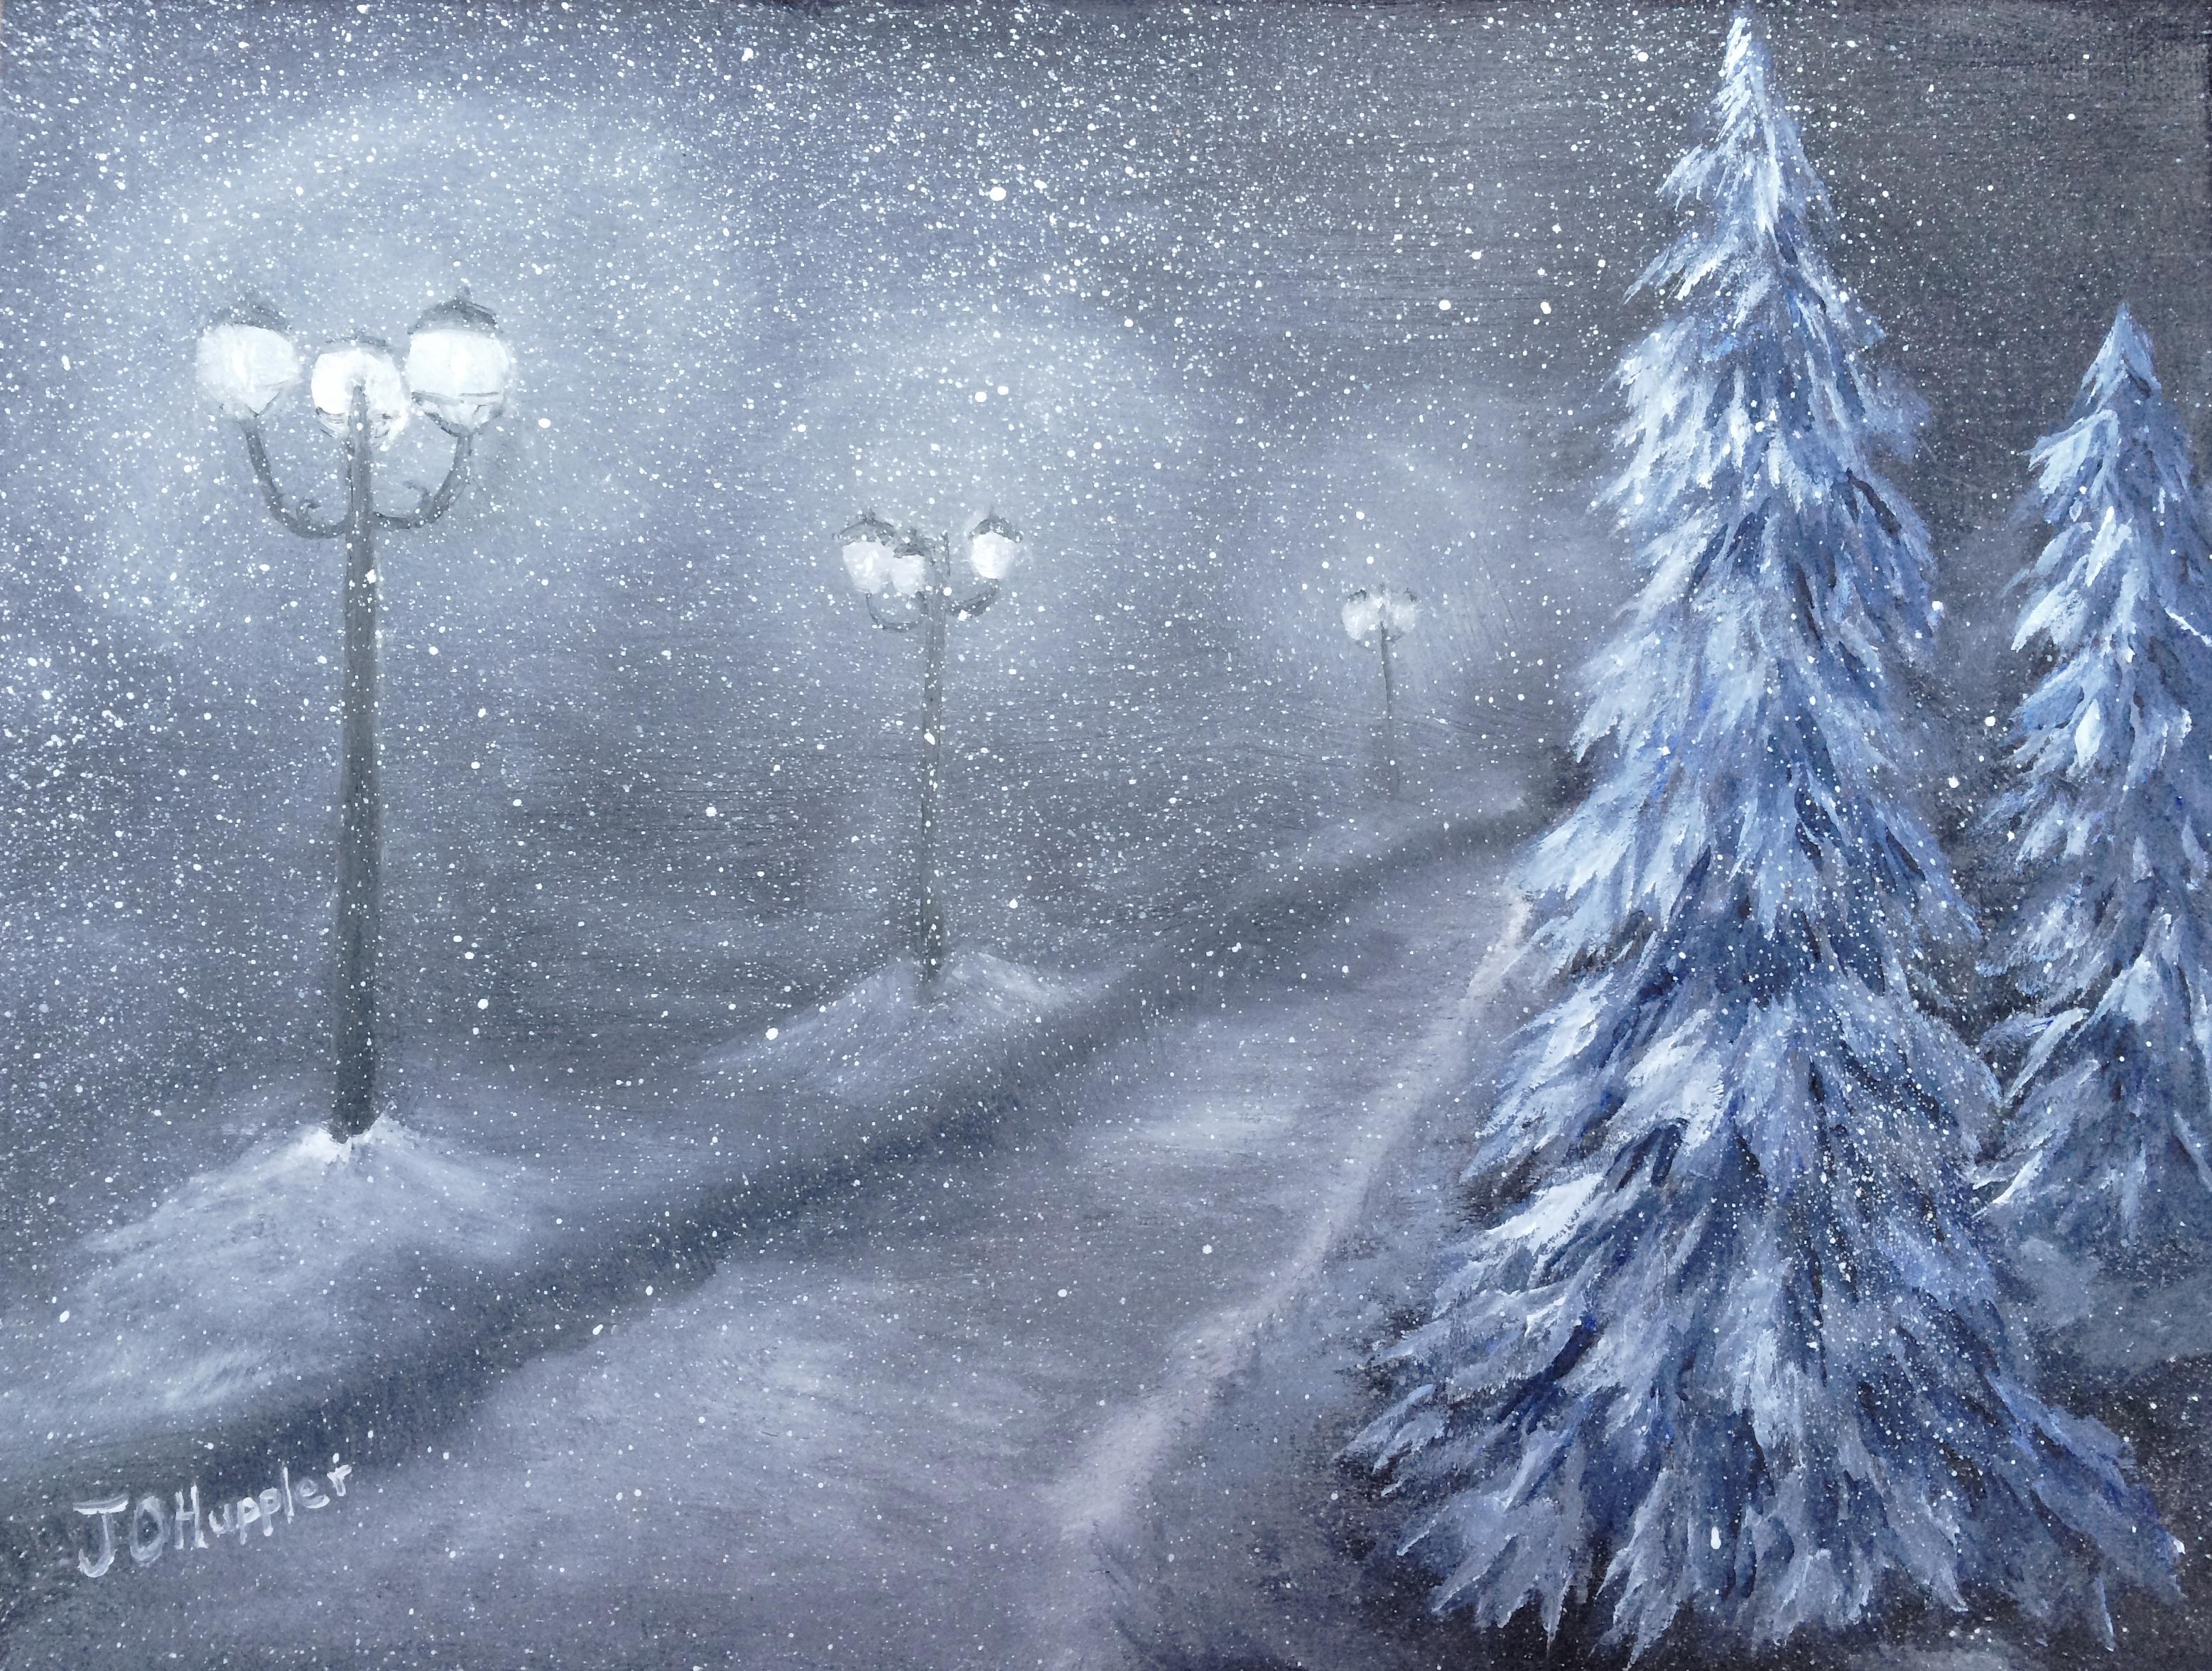 Winter Paintings   J O Huppler